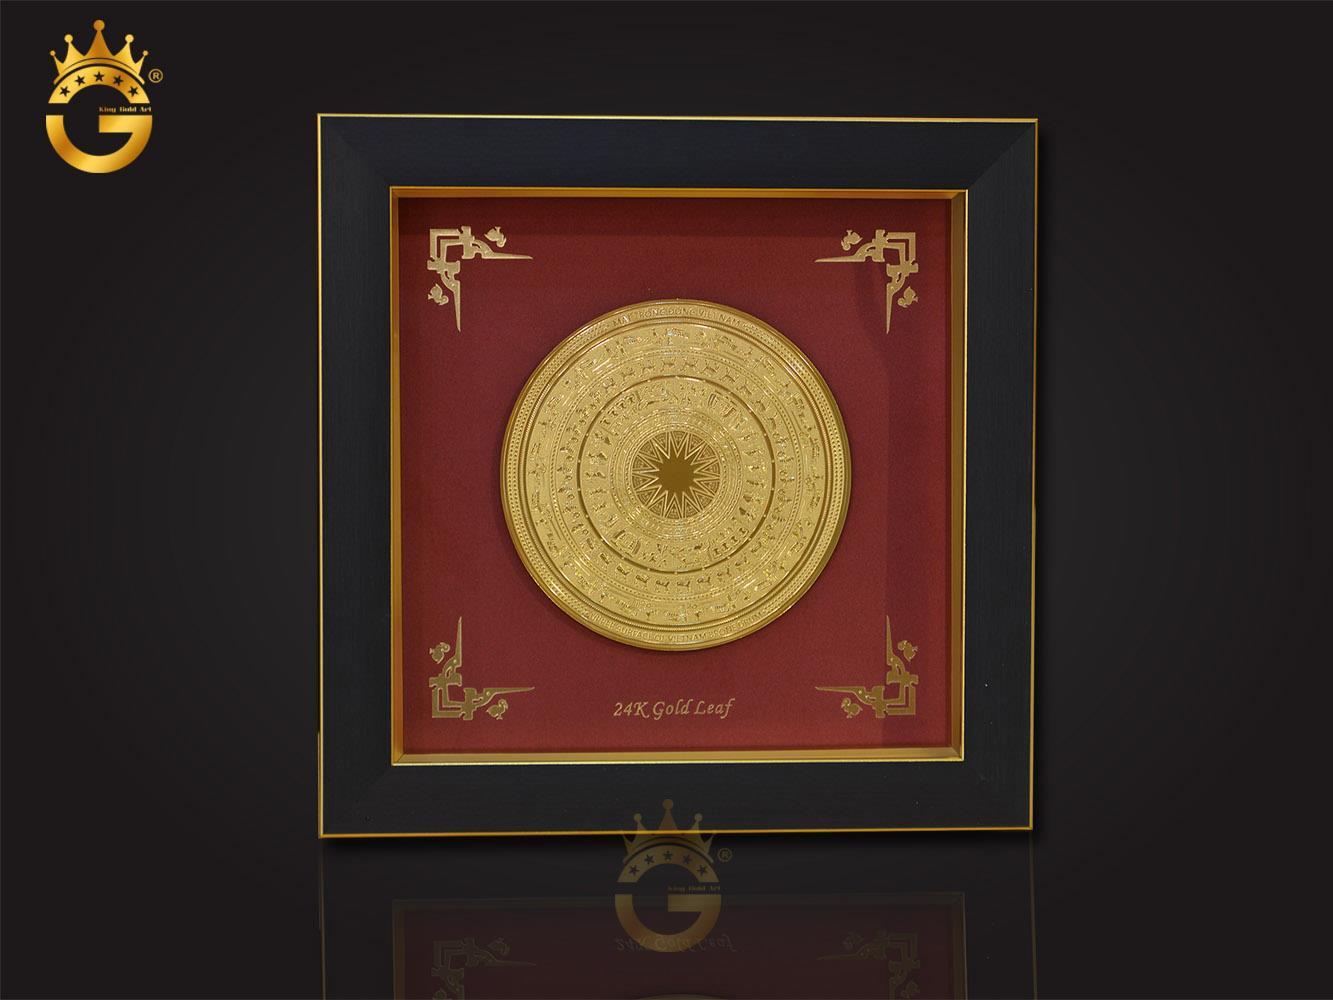 Quà vàng doanh nghiệp quà tặng đại hội, tranh mặt trống đồng dát vàng 24k